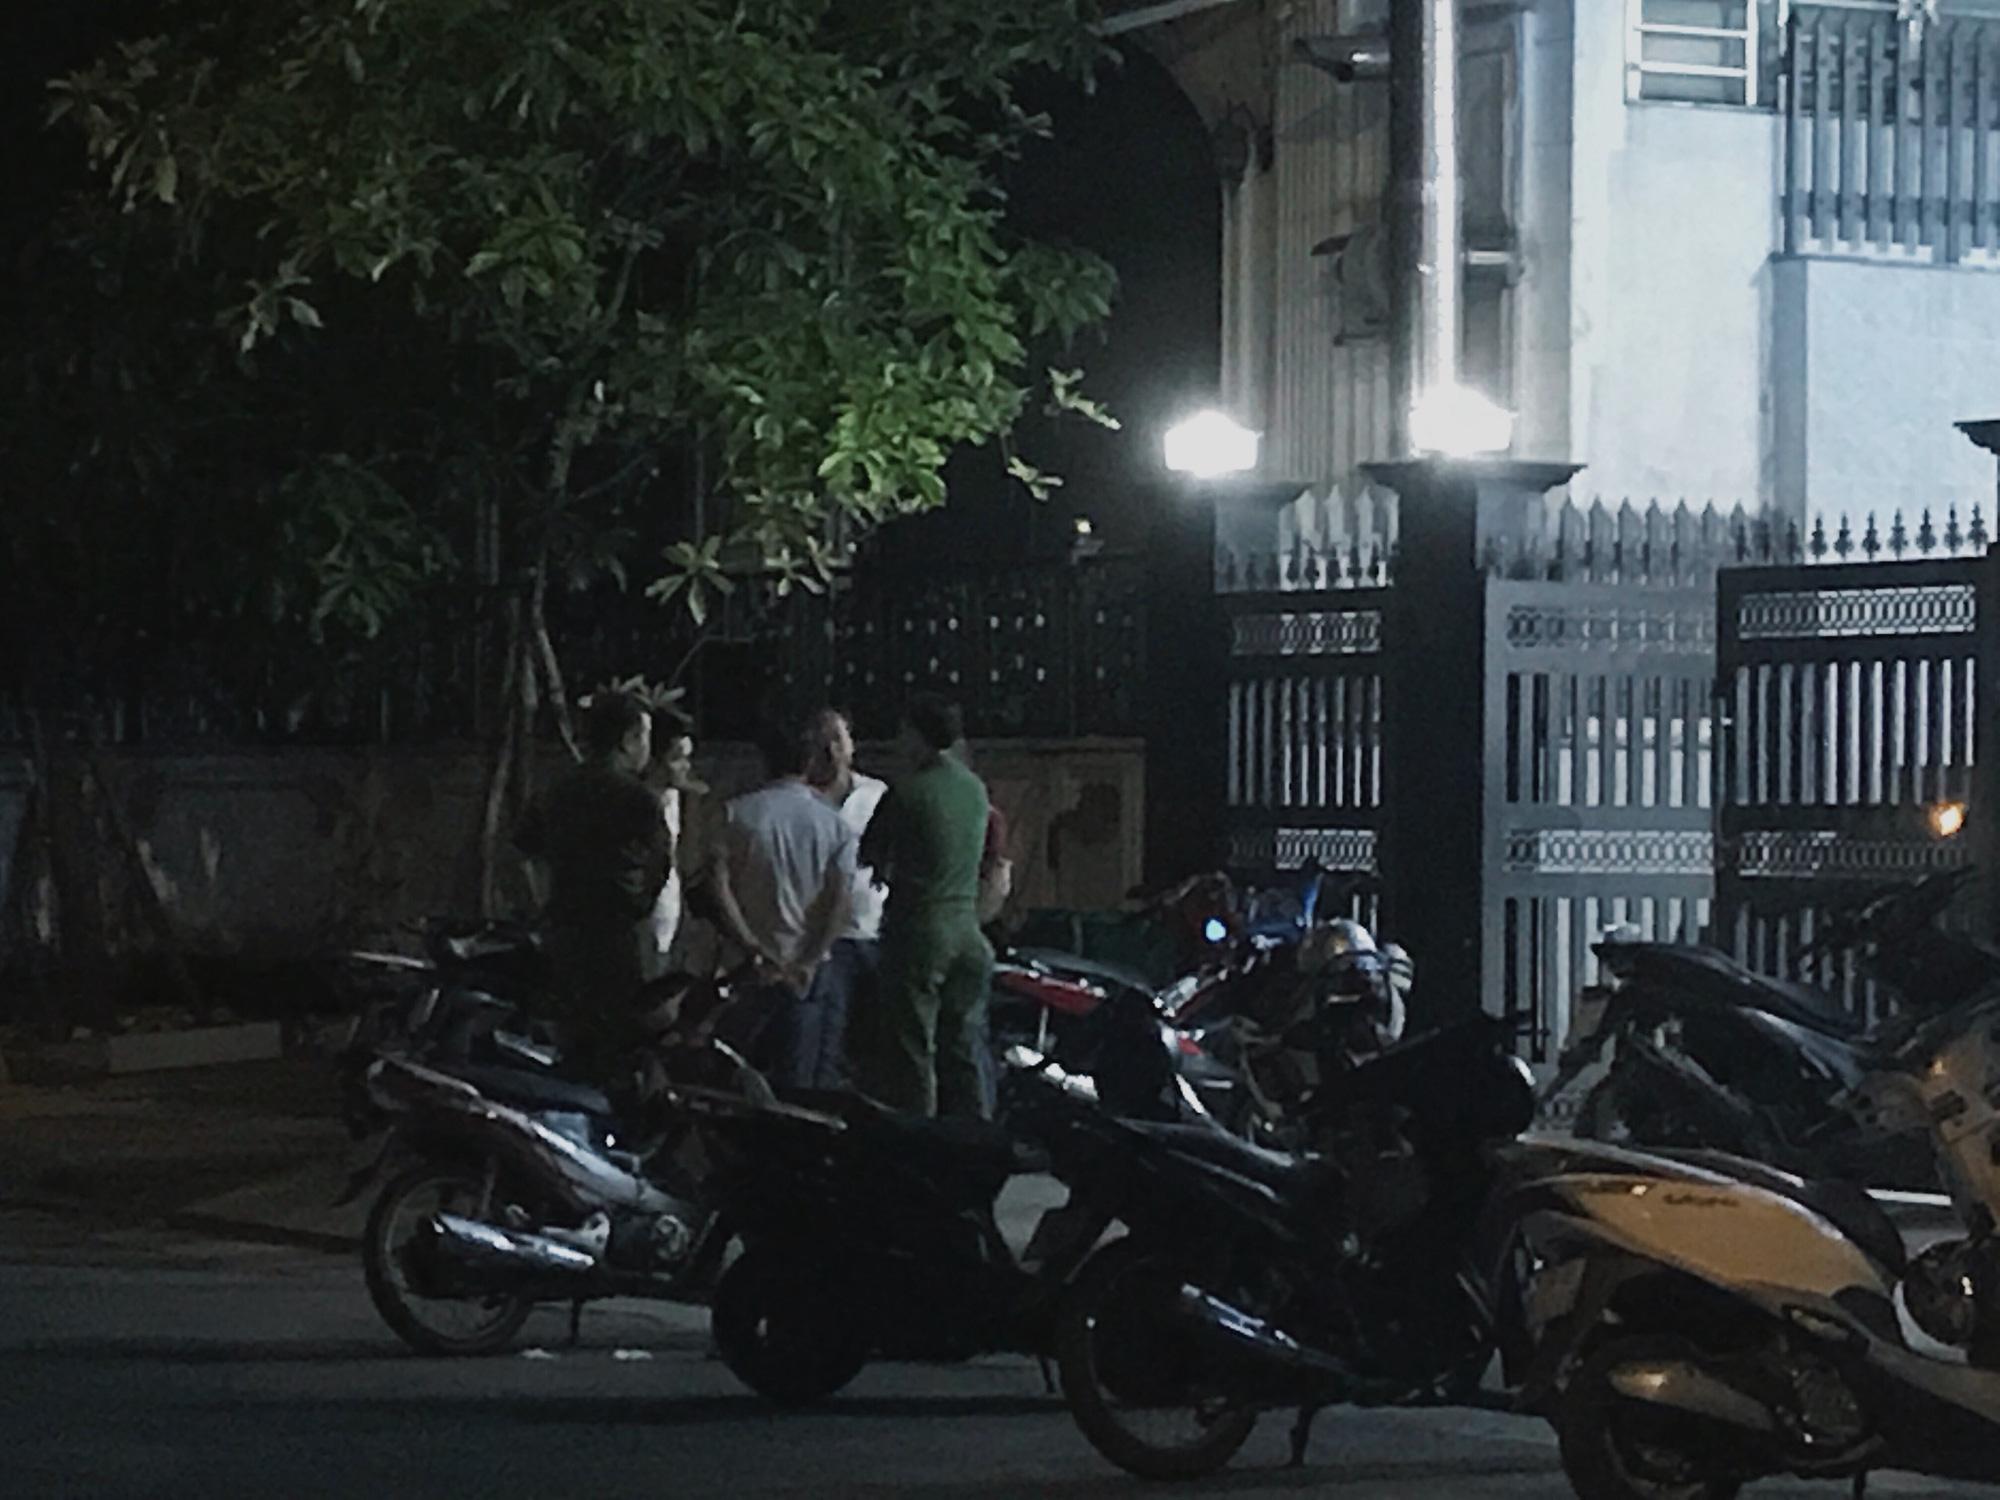 ẢNH-CLIP: Cảnh sát phong tỏa nơi phát hiện thi thể người trong vali - Ảnh 4.